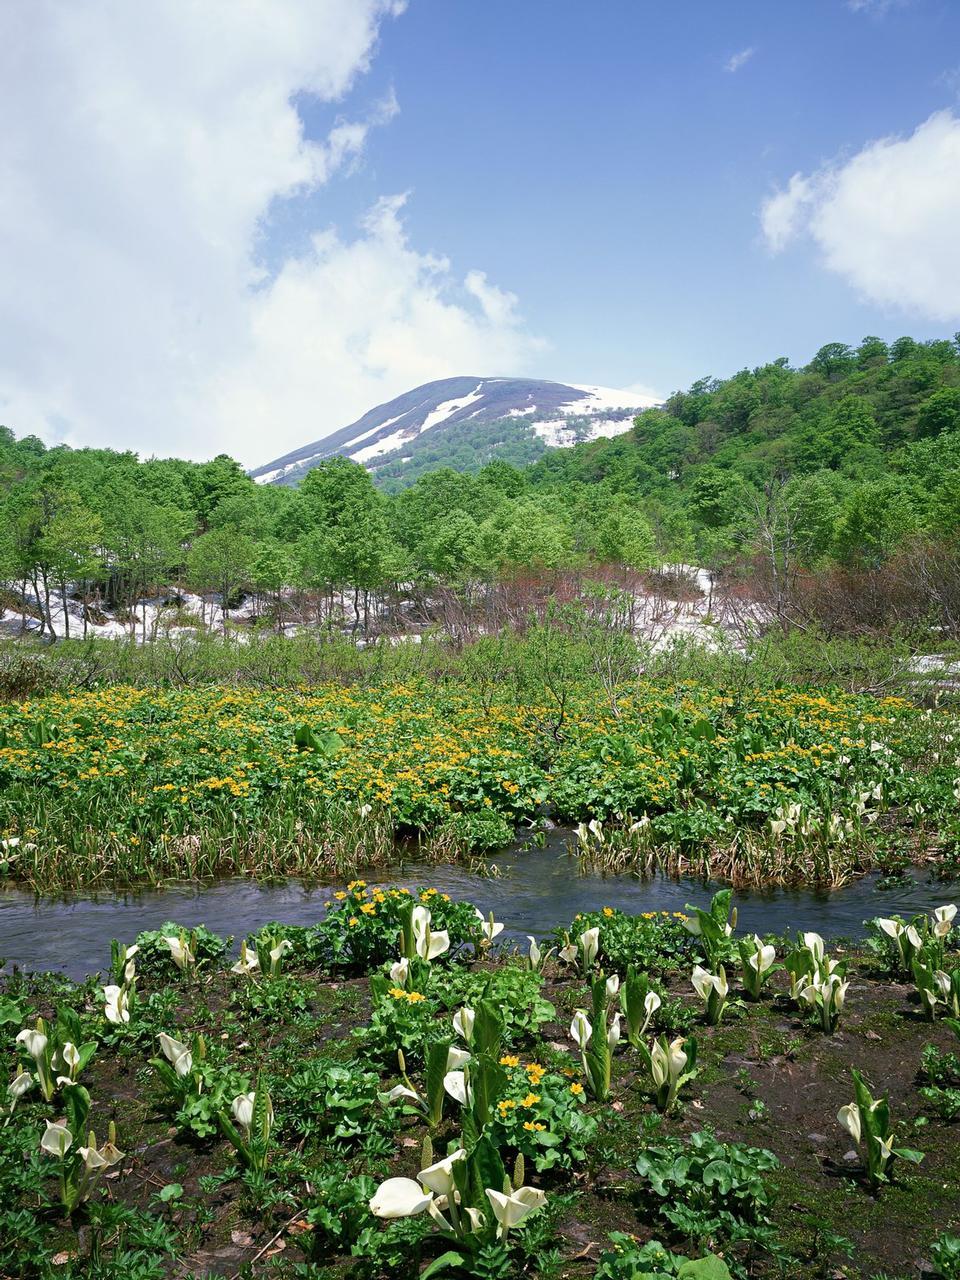 夏季景观河和高山积雪。